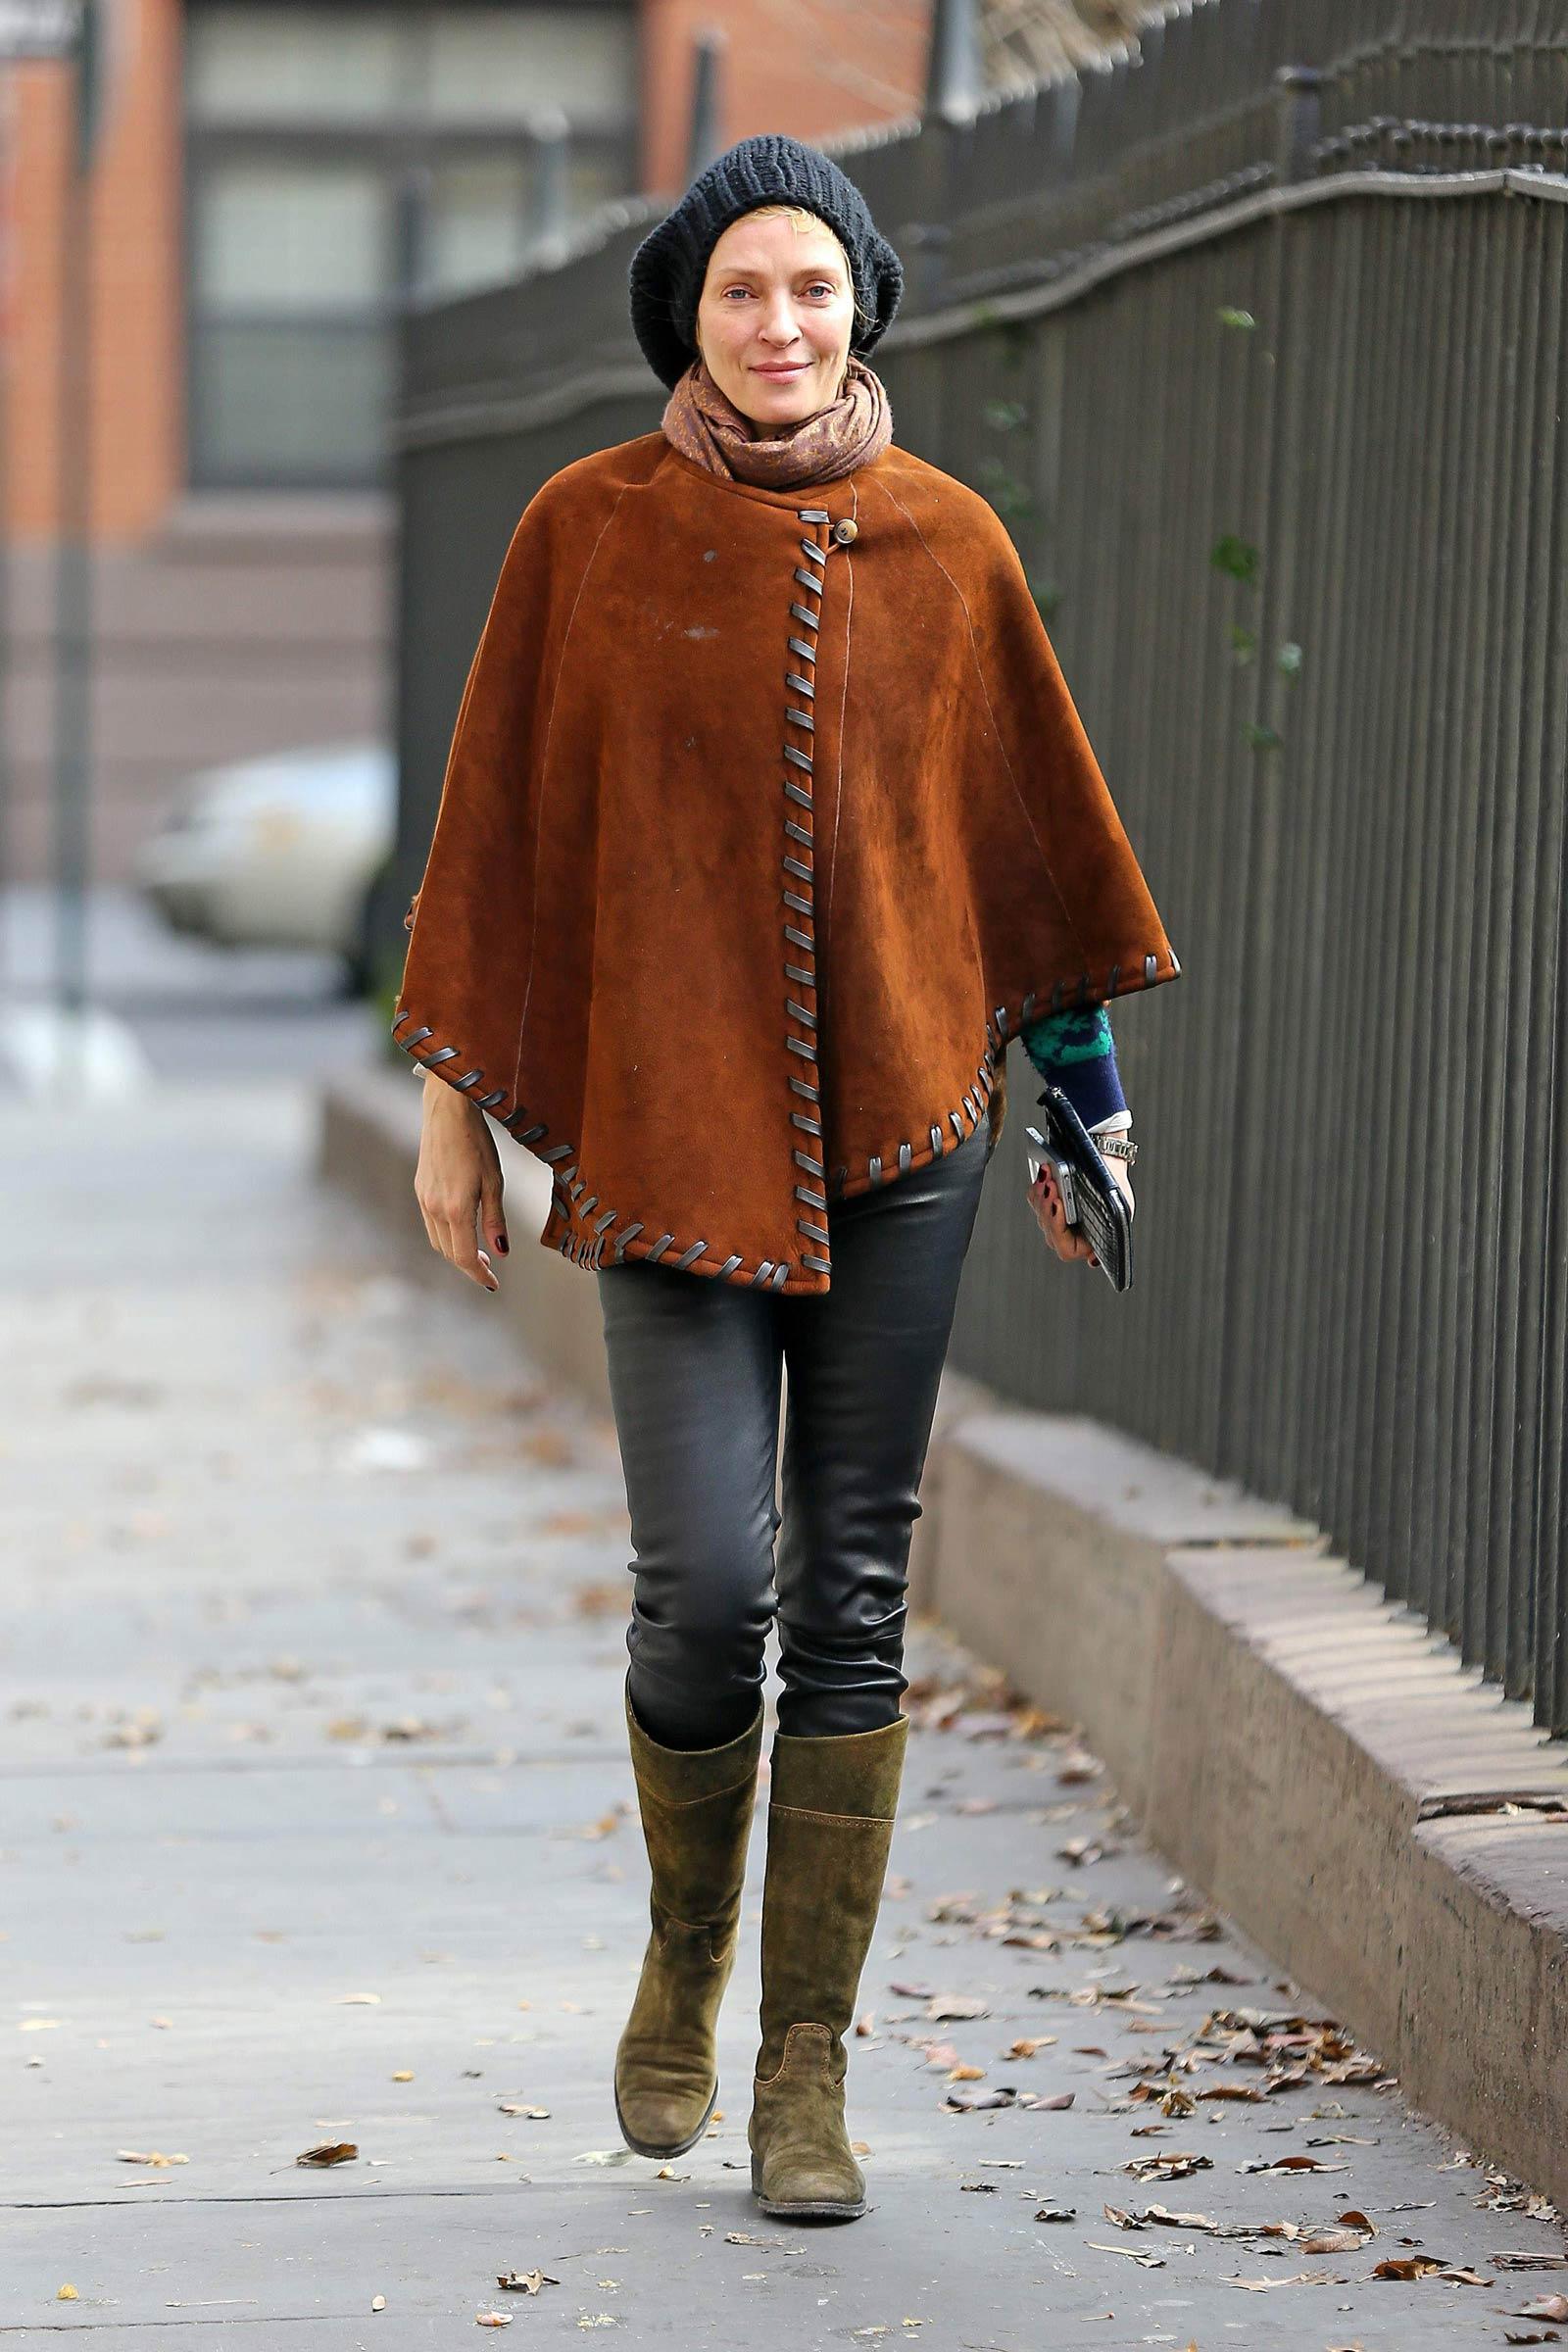 Uma Thurman walking around in New York City